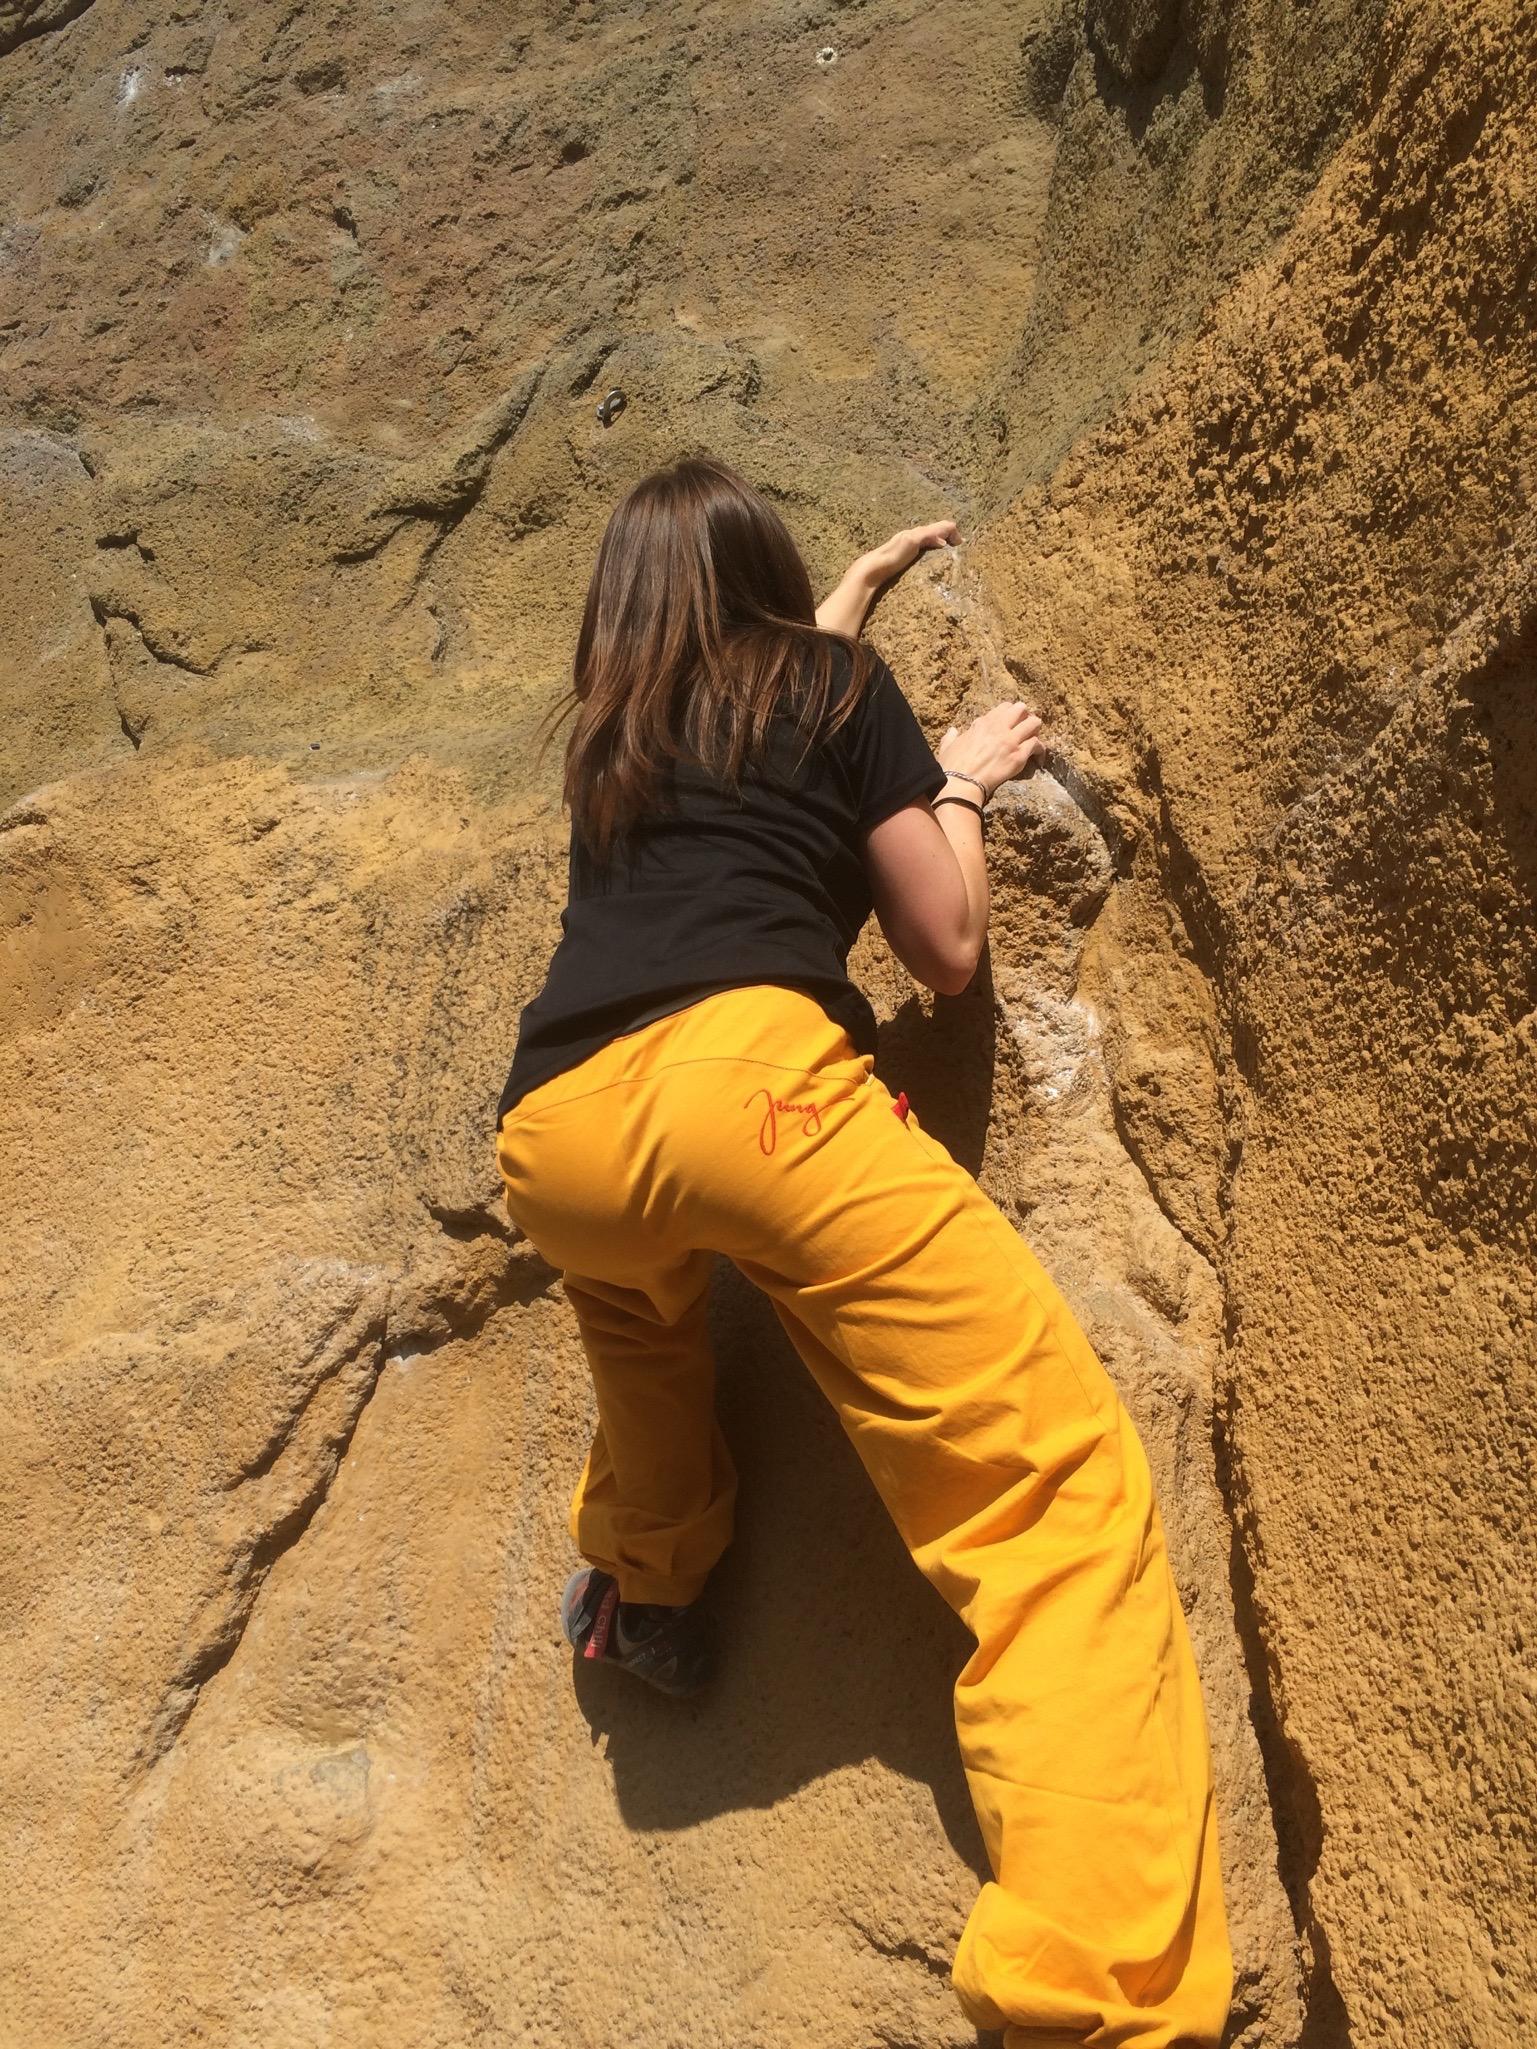 Jung Hosen | Kletter- und Boulderkleidung | Berlin | Bouldern | Foto: Daniela Stölzle | GROSS∆RTIG